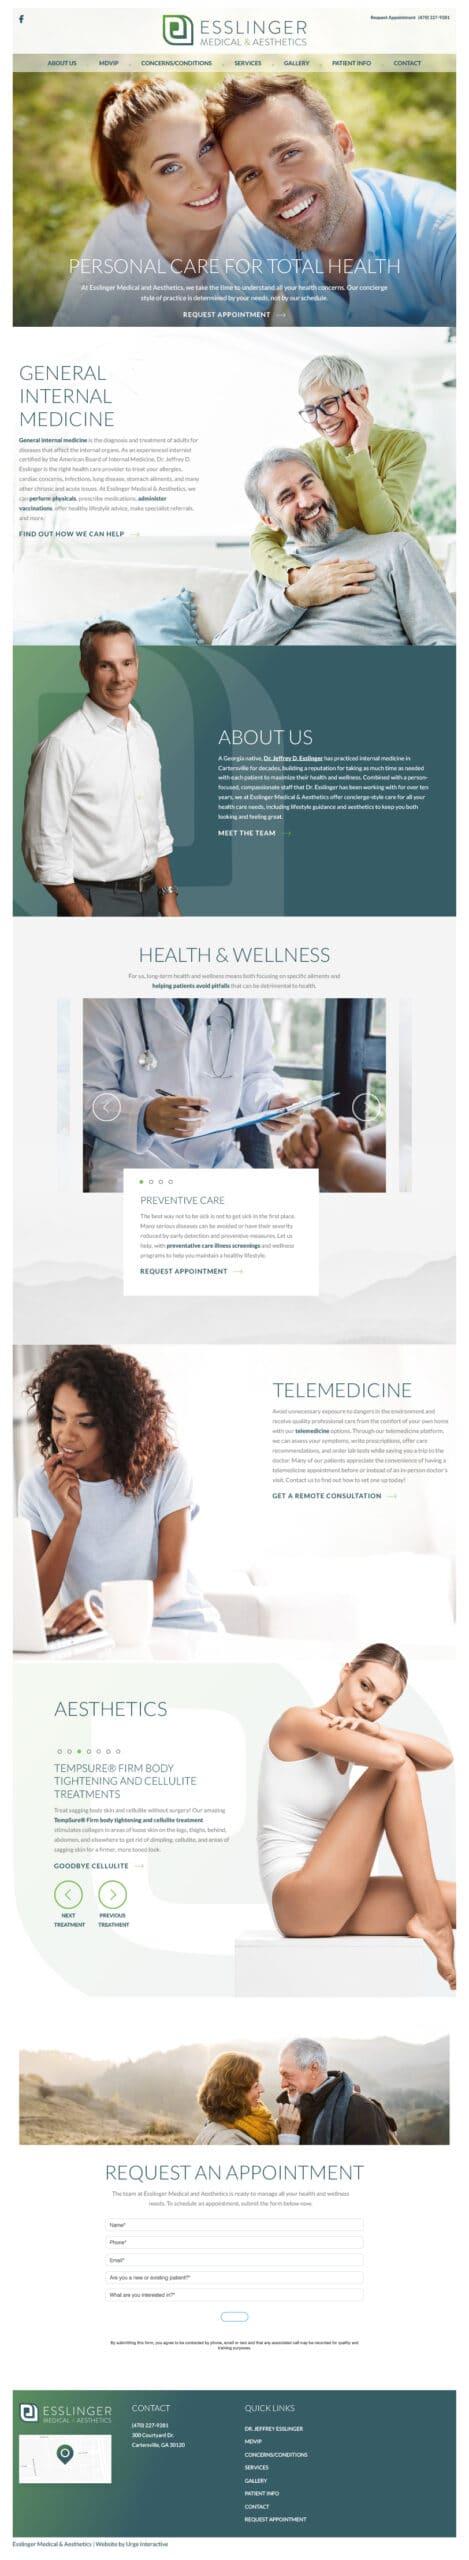 Esslinger Medical & Aesthetics